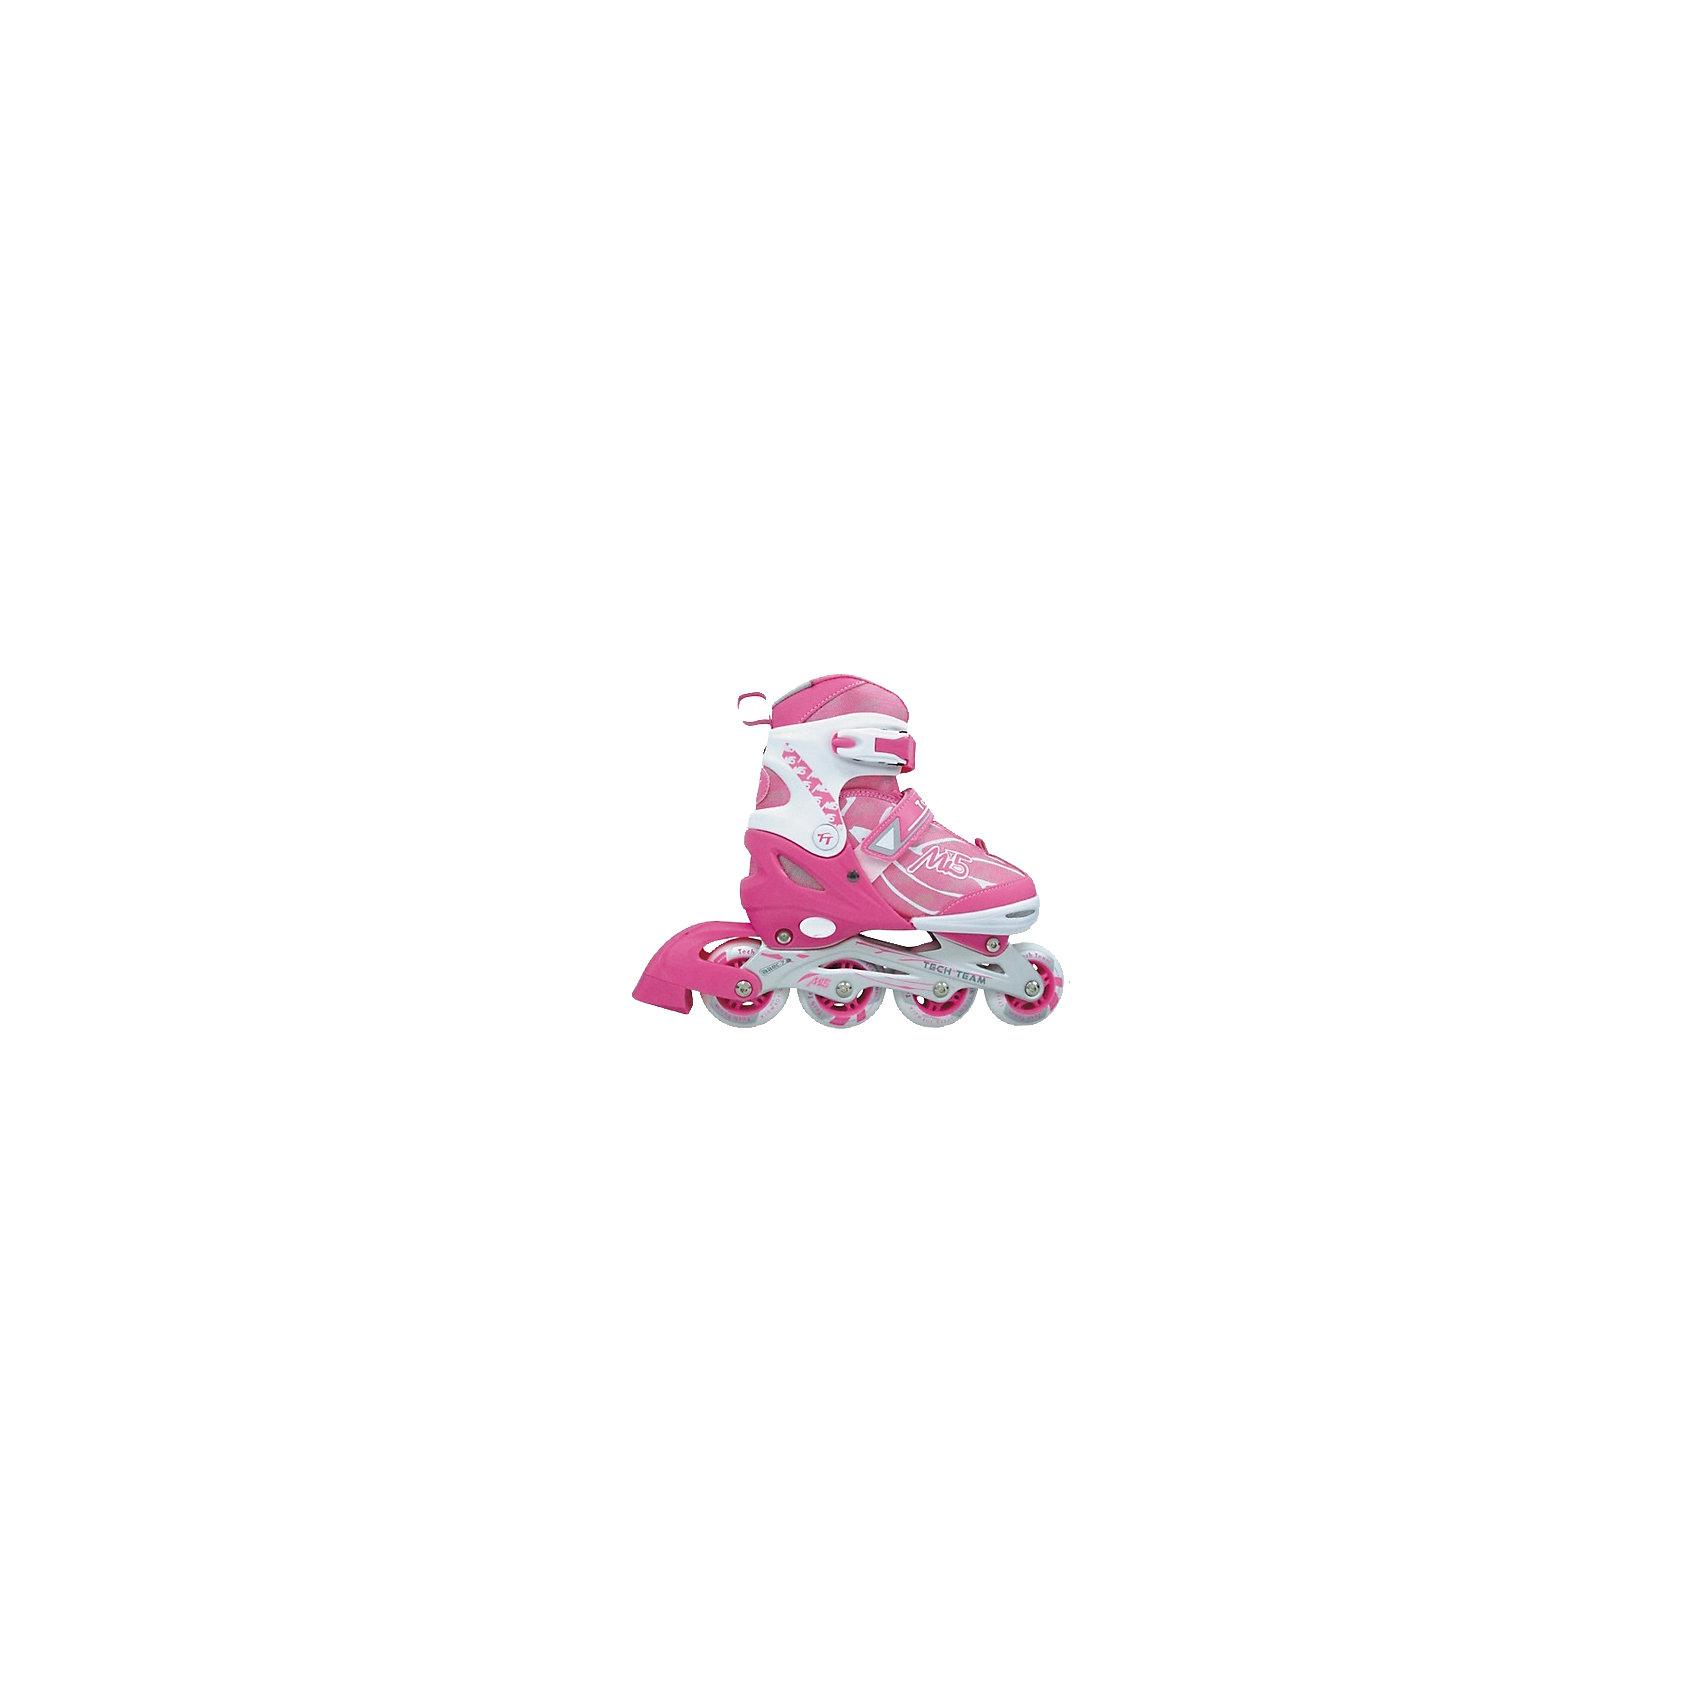 Роликовые коньки MI 5, Tech TeamУдобные раздвижные детские ролики MI 5, Tech Team, идеально подходят для комфортного и безопасного катания Вашего ребенка. Ролики приятной розово-белой расцветки выполнены в привлекательном для девочек дизайне. Мягкий внешний ботинок с мягким внутренним сапожком обеспечивает удобство и безопасность во время катания. Ролики оснащены кнопочной системой раздвижения на несколько размеров, что позволяет использовать их несколько сезонов. Специальные застежки - клипсы с фиксаторами, липучки и шнуровка хорошо фиксируют ногу. На заднем колесе имеется тормоз. Размер колес зависит от размера роликов: 58 мм., 64 мм., 70 мм., 76 мм. в соответствии с размерной сеткой. Катание на роликах способствует общему физическому развитию ребенка, тренирует ловкость, координацию движений и выносливость.<br><br>Дополнительная информация:<br><br>- Материал: высококачественный пластик, текстиль, колеса - PU (полиуретан).<br>- Размеры (в ассортименте): XS (27-30), S (31-34), M (35-38), L (39-42).<br>- Колеса (в зависимости от размера): 58 х 24; 64 х 24; 70 х 24; 76 х 24 мм.<br>- Подшипник: Abec-7 carbon. <br>- Алюминиевая рама.<br><br>Роликовые коньки MI 5, Tech Team, можно купить в нашем интернет-магазине.<br><br>Ширина мм: 420<br>Глубина мм: 105<br>Высота мм: 285<br>Вес г: 2300<br>Цвет: розовый<br>Возраст от месяцев: 60<br>Возраст до месяцев: 96<br>Пол: Женский<br>Возраст: Детский<br>Размер: 31-34,35-38,27-30<br>SKU: 4137036